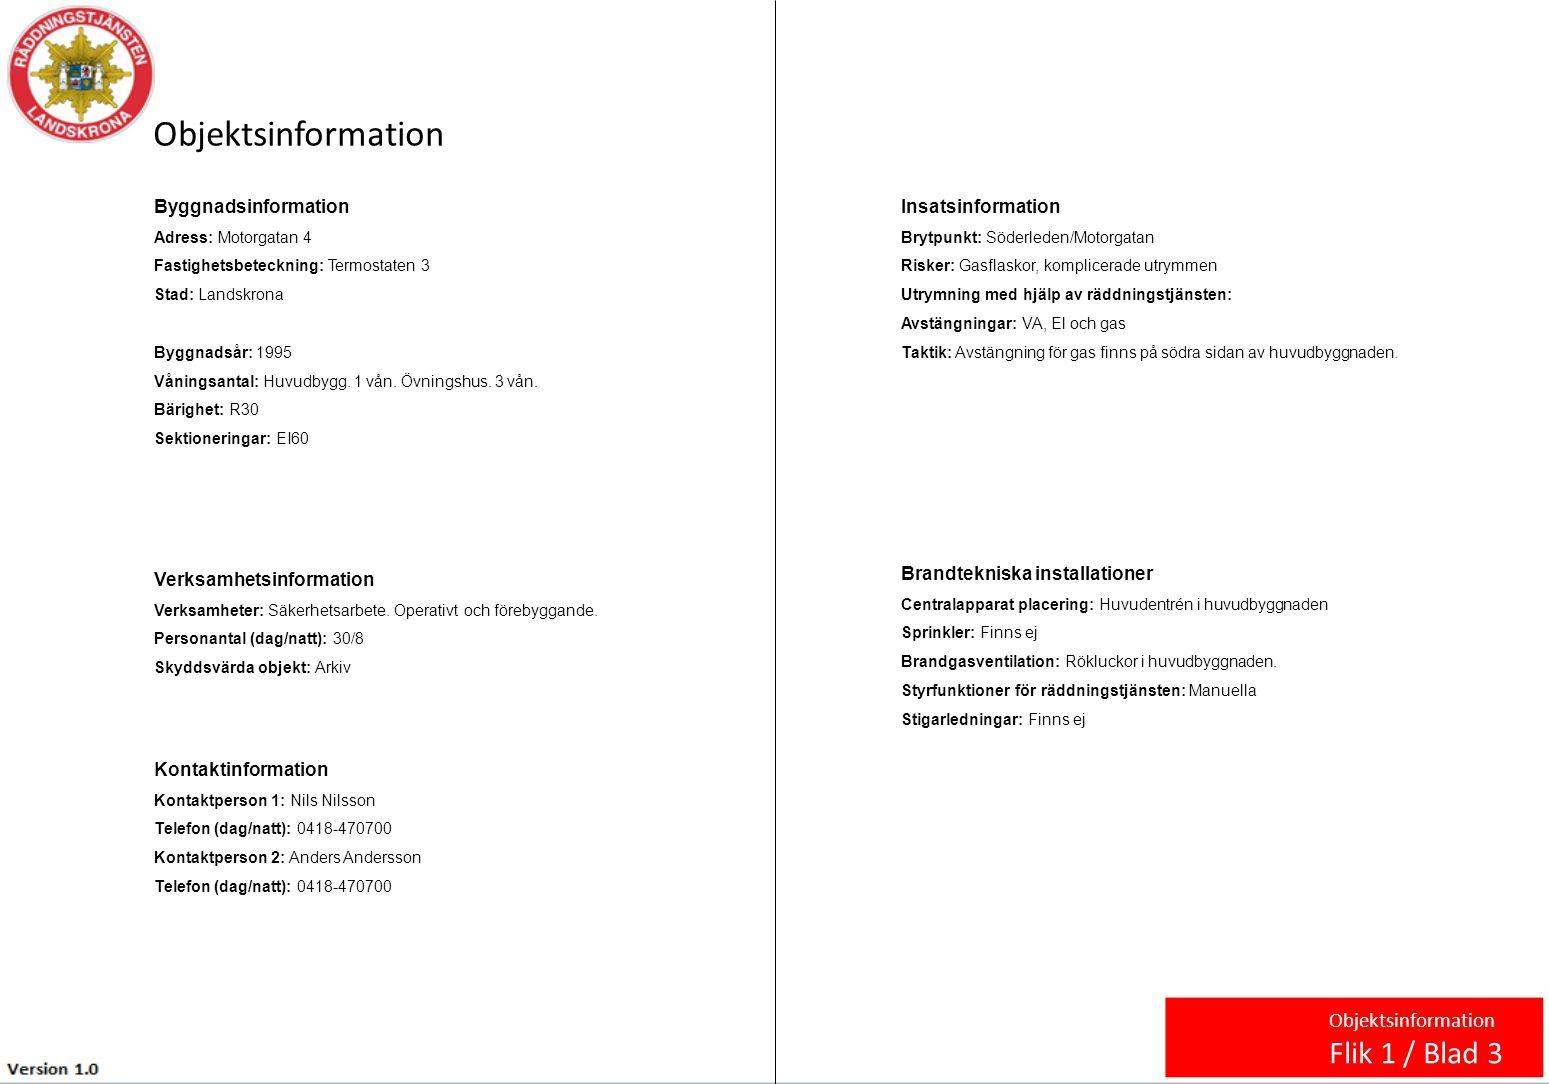 Byggnadsinformation Adress: Motorgatan 4 Fastighetsbeteckning: Termostaten 3 Stad: Landskrona Byggnadsår: 1995 Våningsantal: Huvudbygg. 1 vån. Övnings